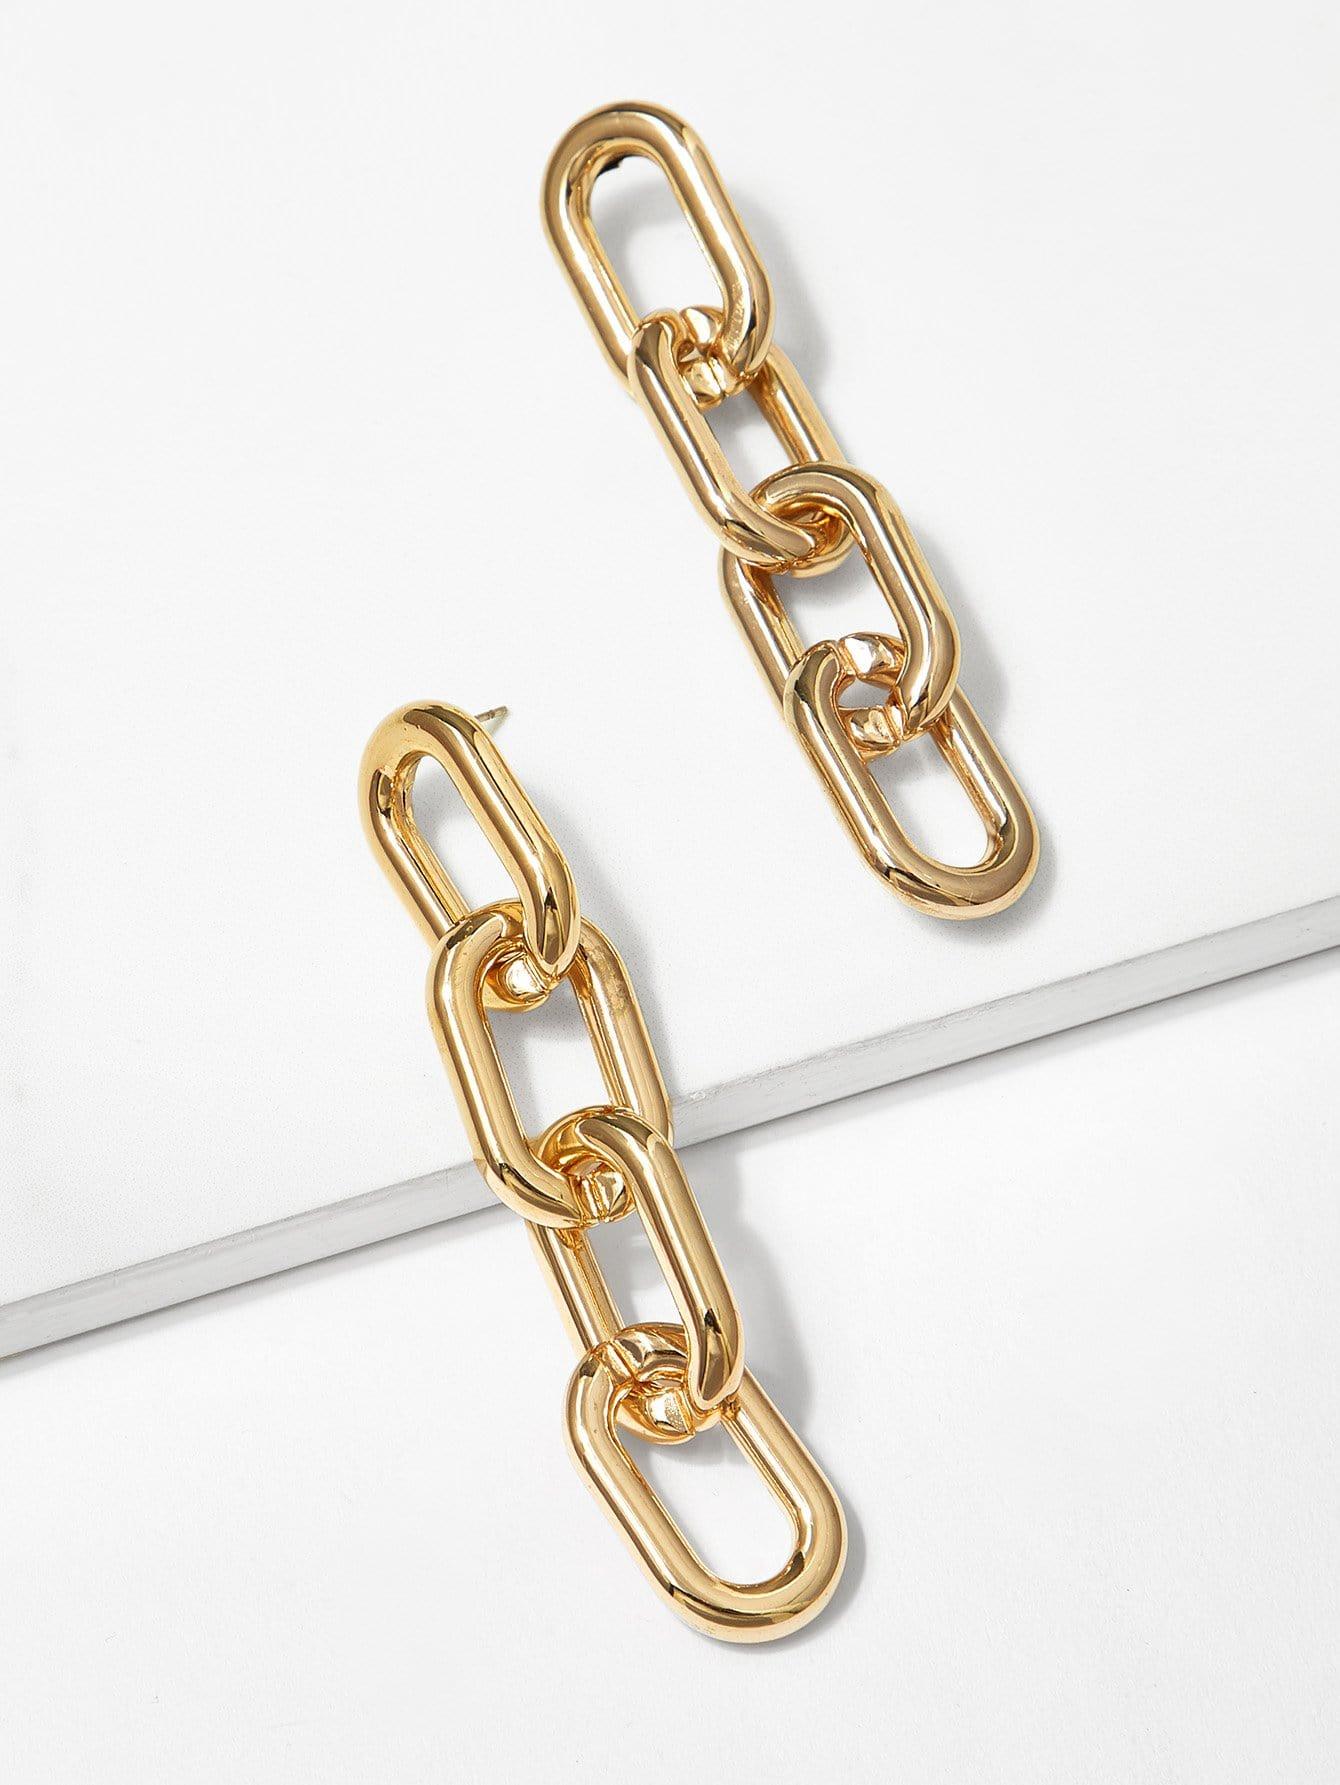 Chain Shaped Drop Earrings scissors shaped drop hook earrings